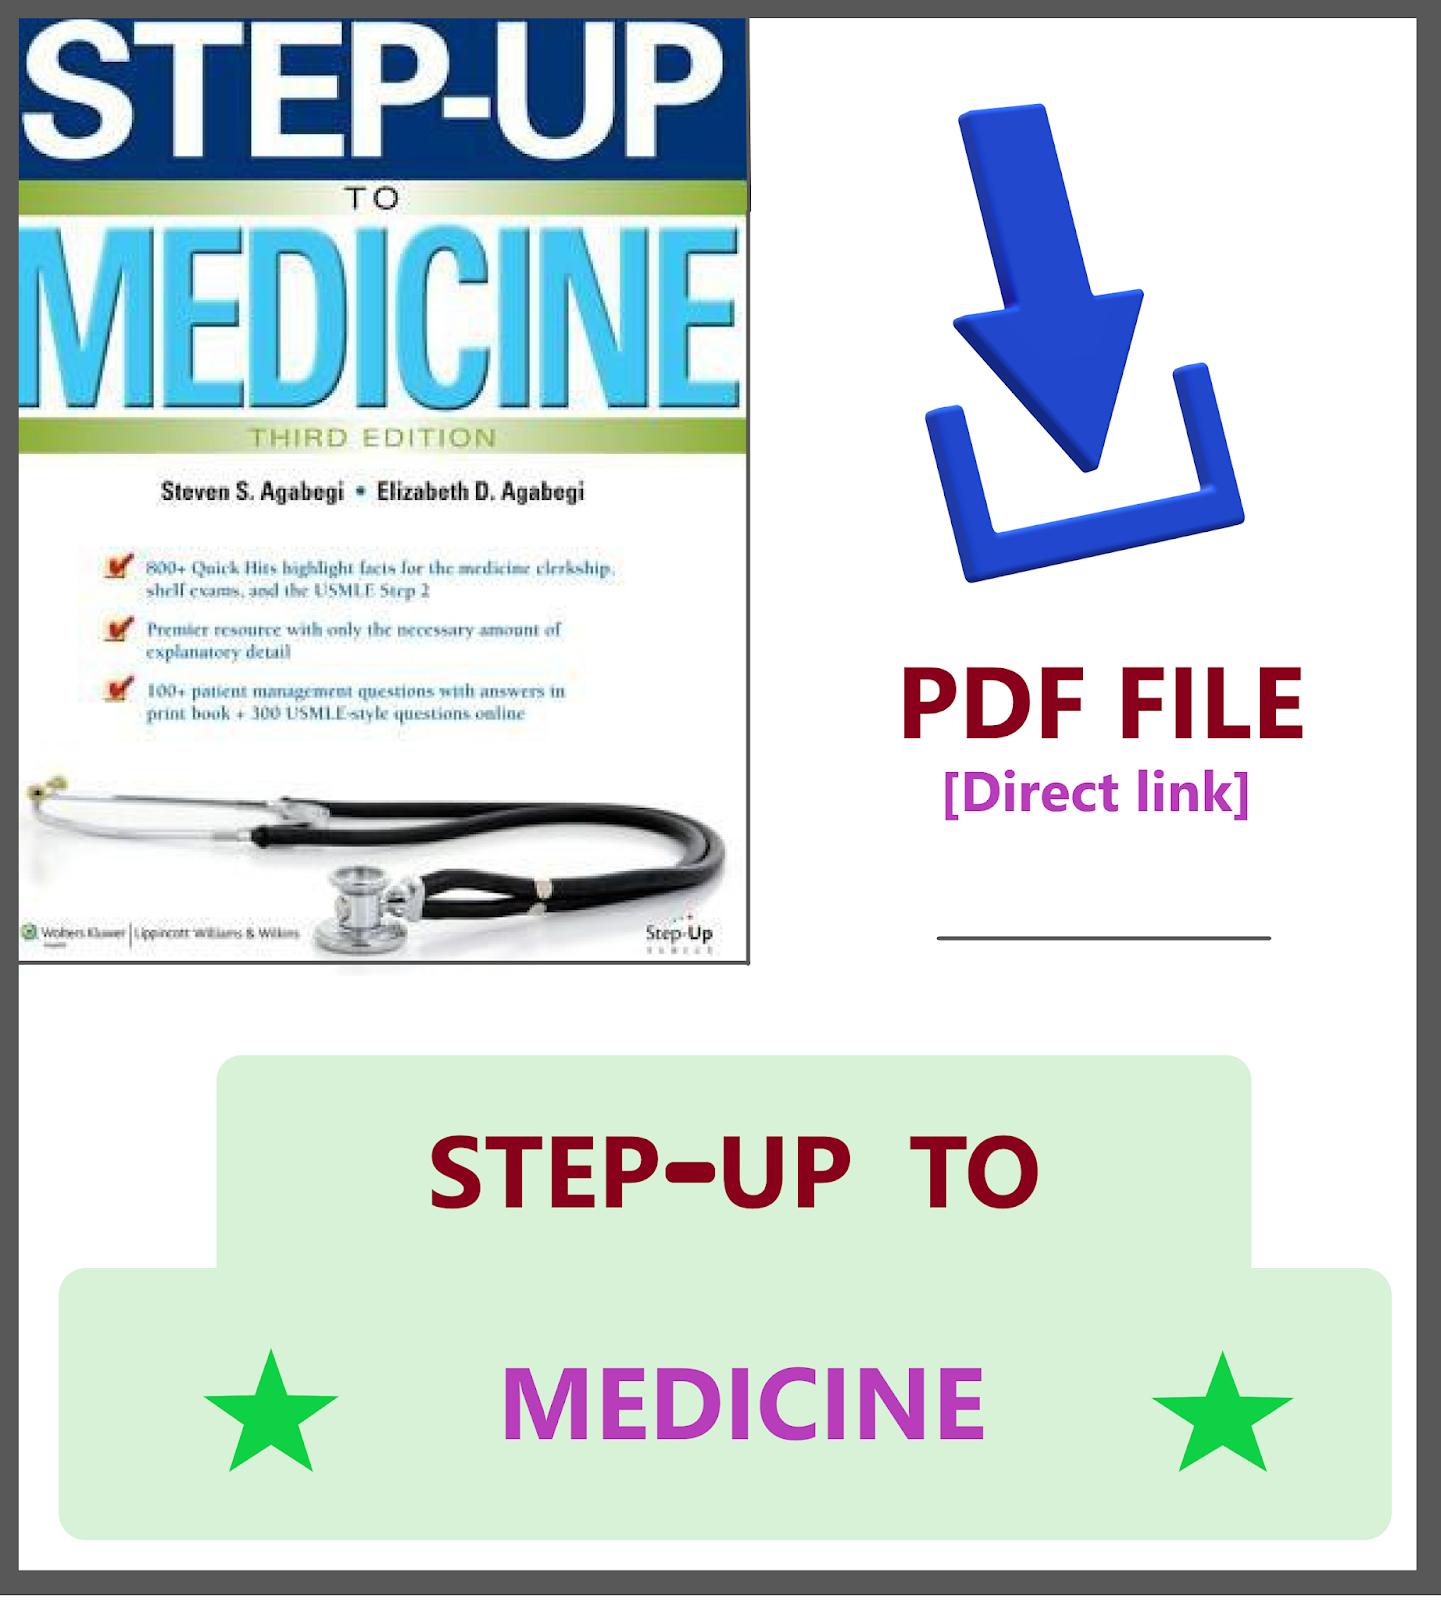 Medicicenter- Free Medical Books